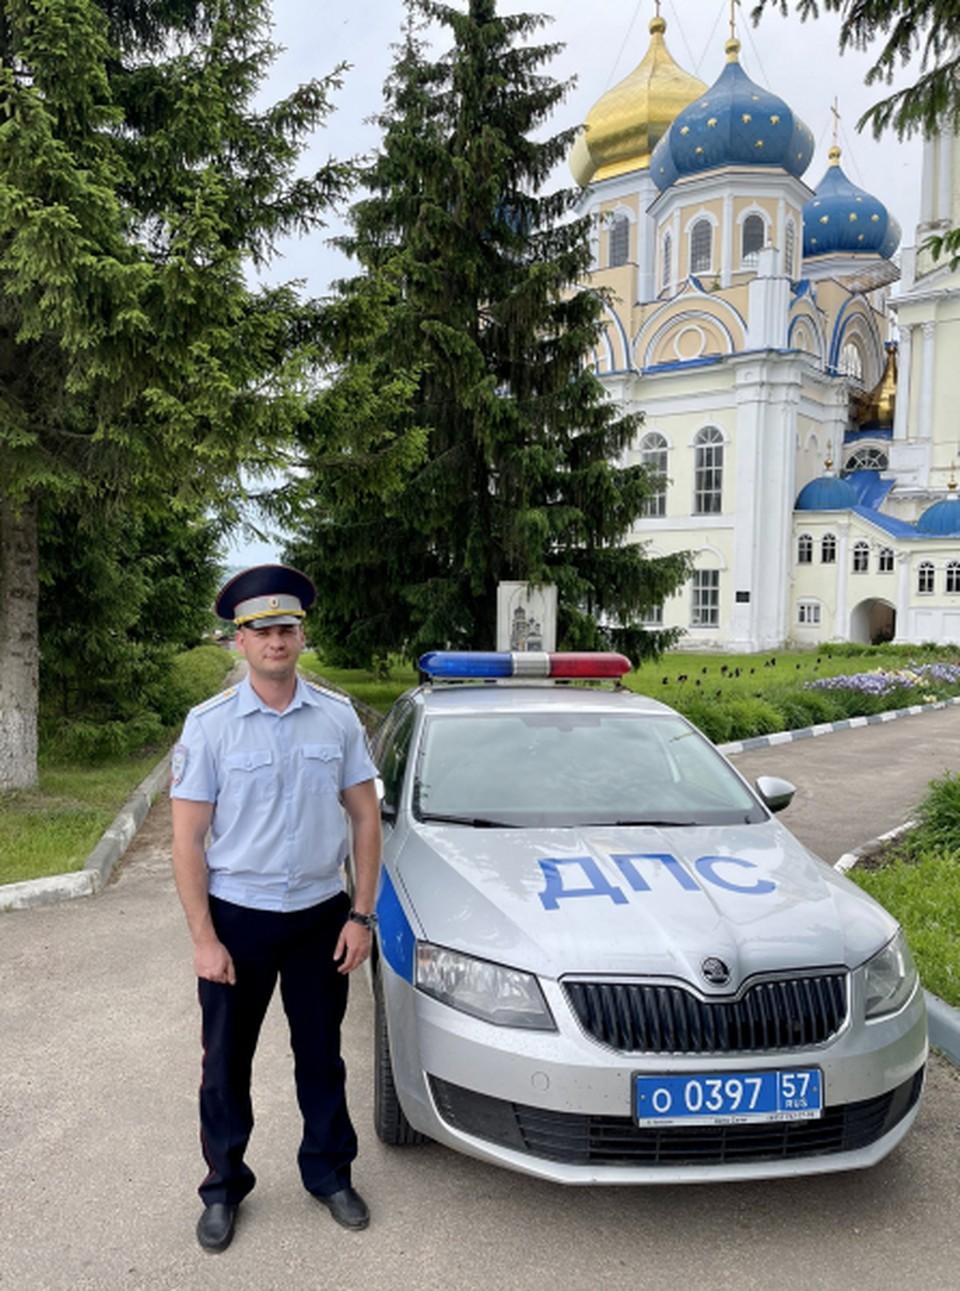 Полицейский помог водителю, попавшему в сложную ситуацию